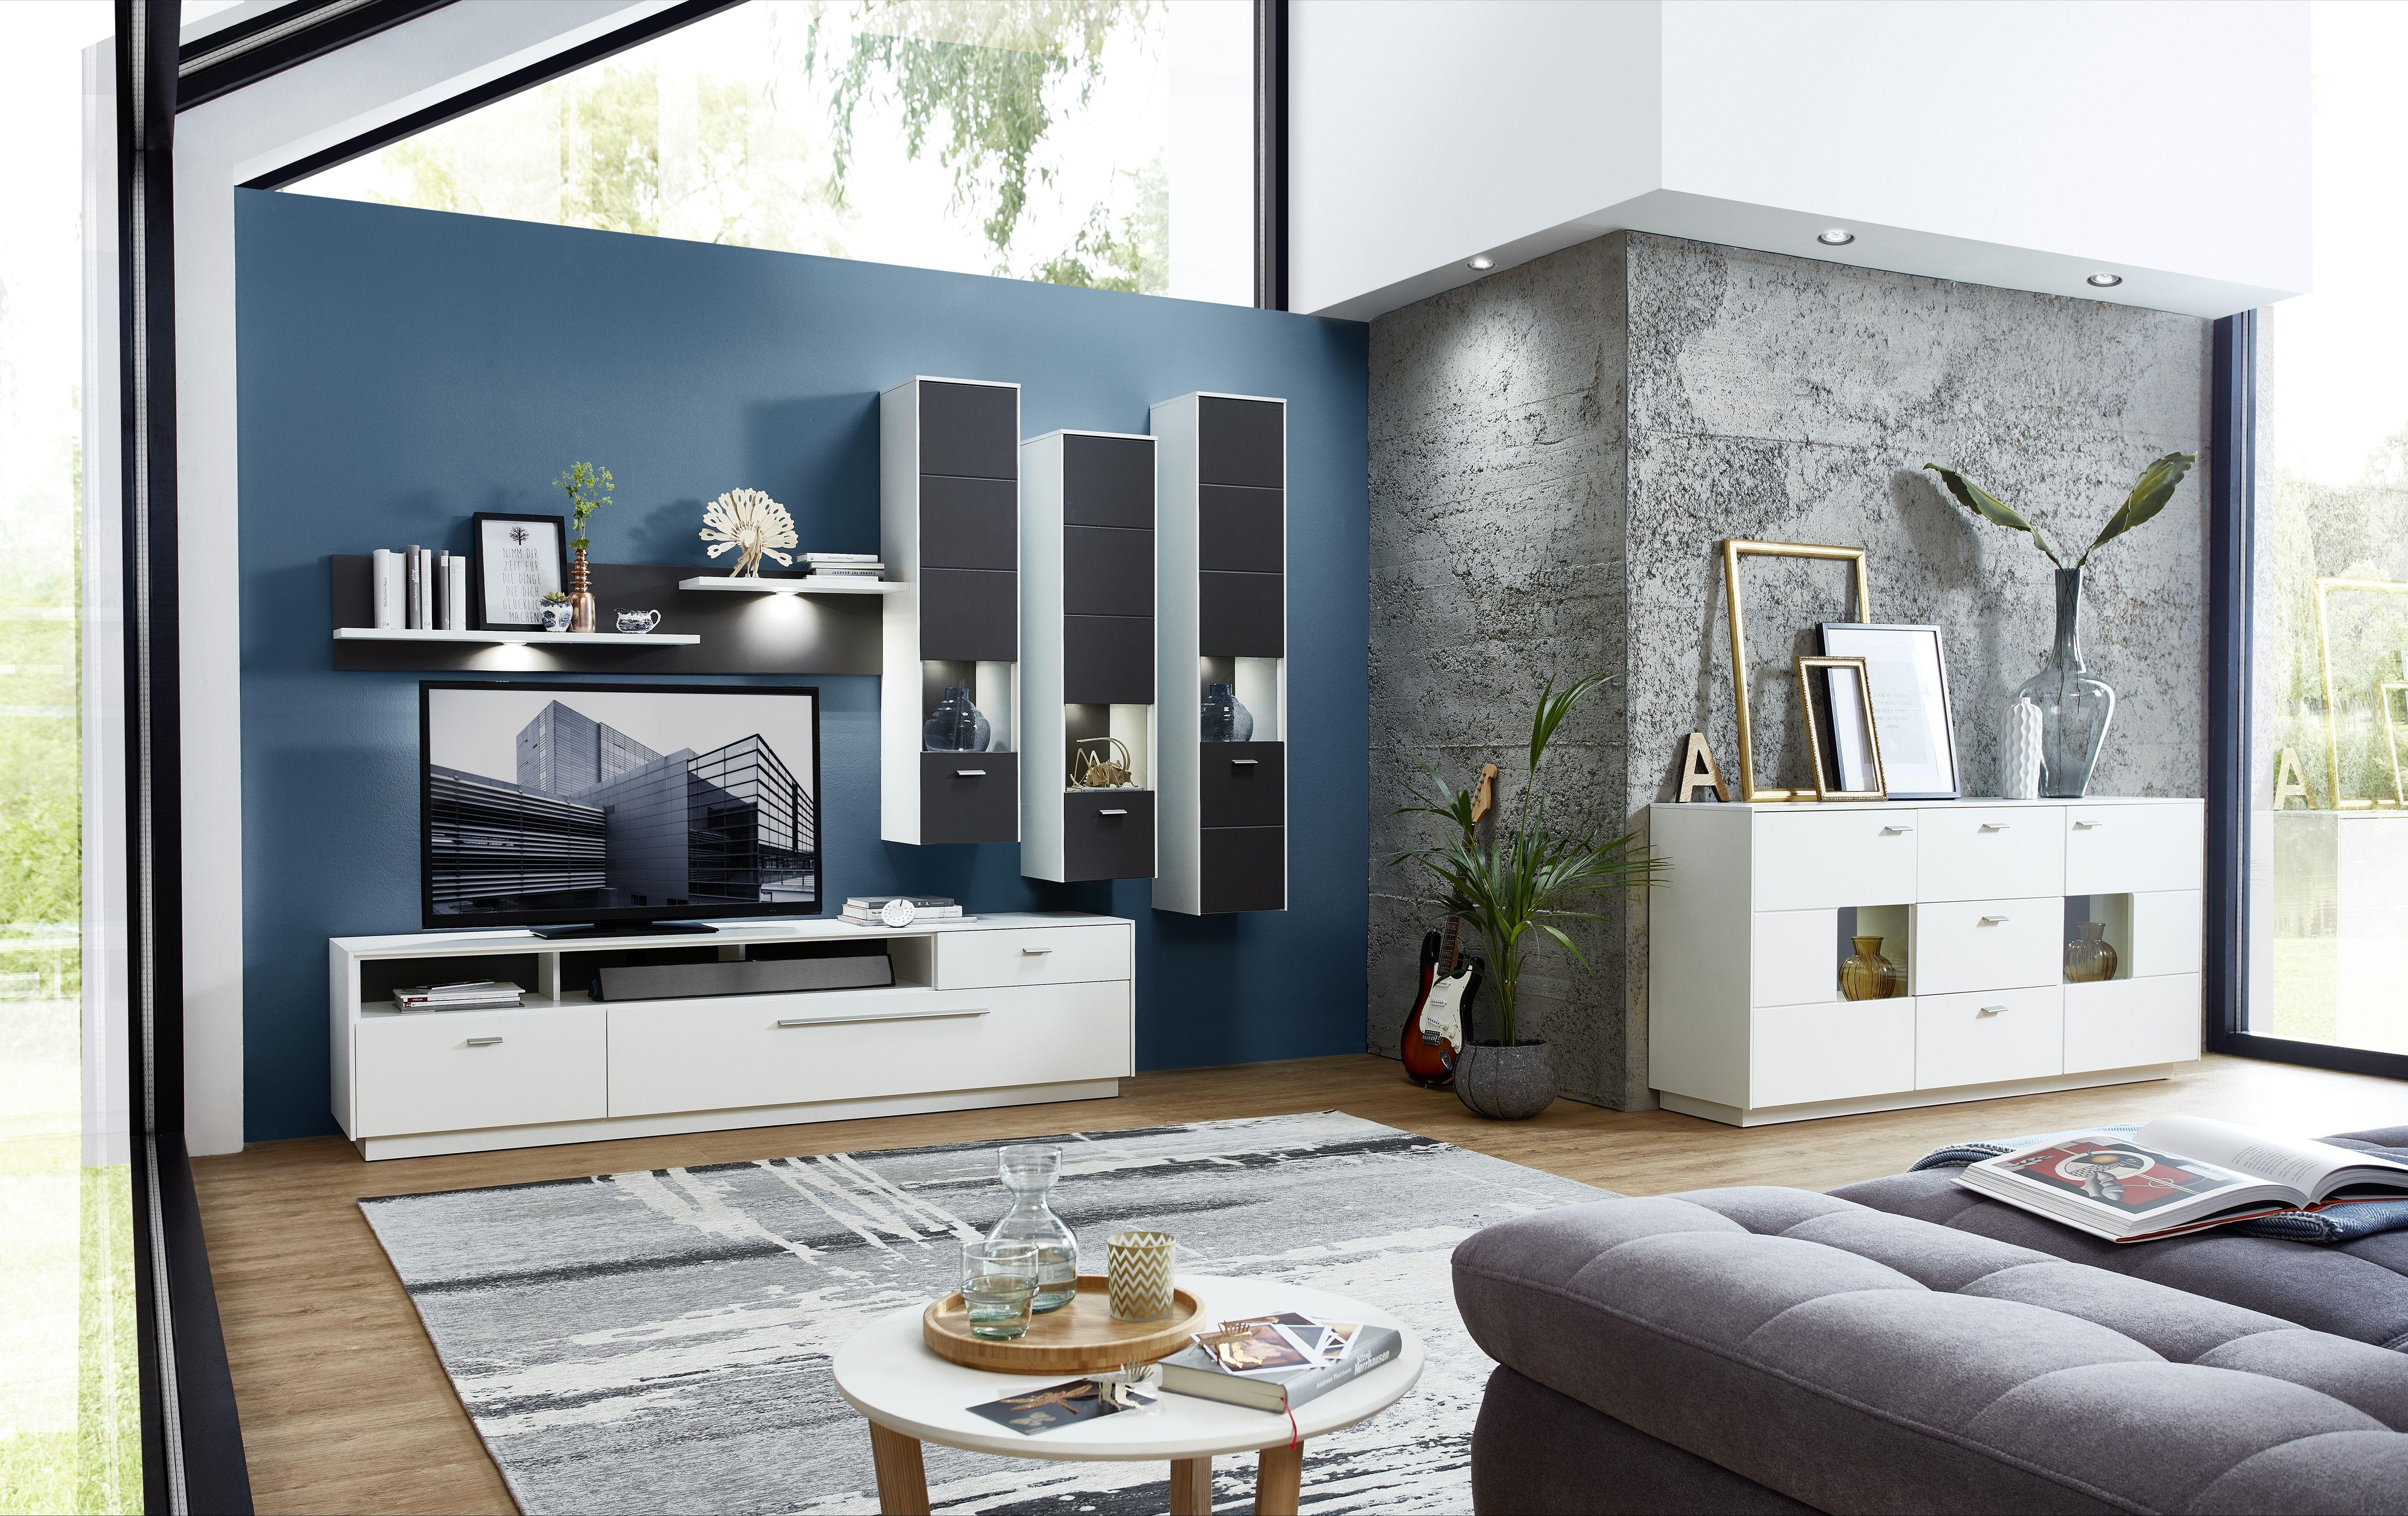 wohnwand mit sideboard weiss grau und beleuchtung woody 22 01132 holz modern wohnw nde zum. Black Bedroom Furniture Sets. Home Design Ideas